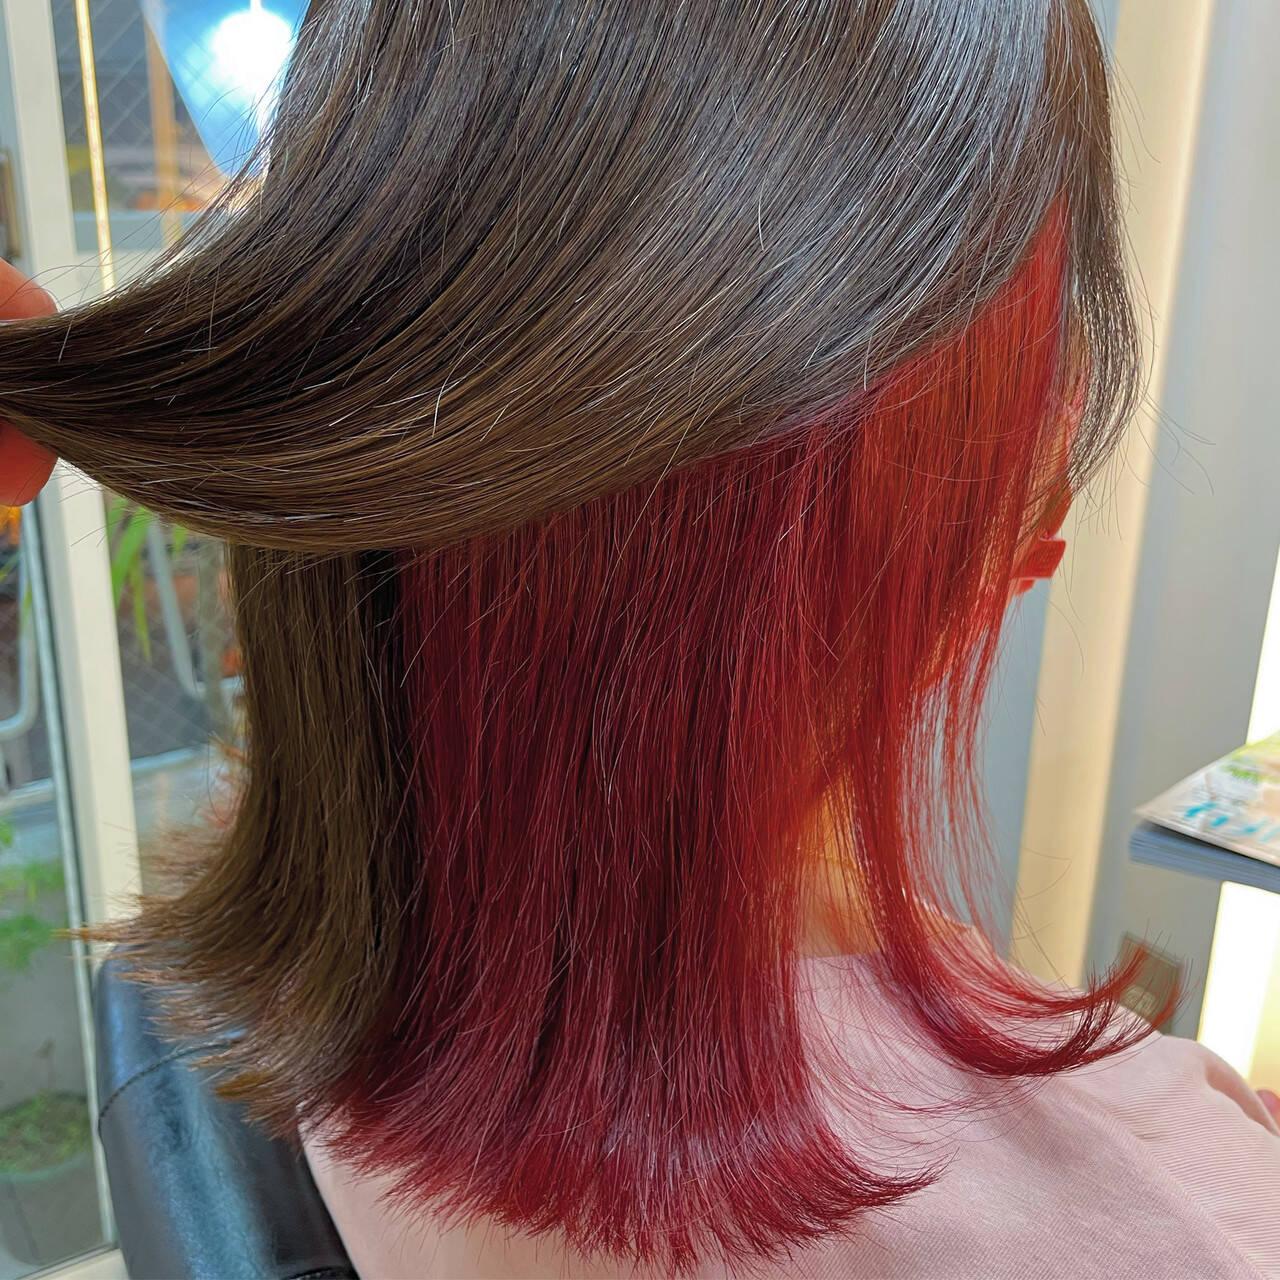 インナーカラー ダブルカラー ミディアム ブリーチヘアスタイルや髪型の写真・画像